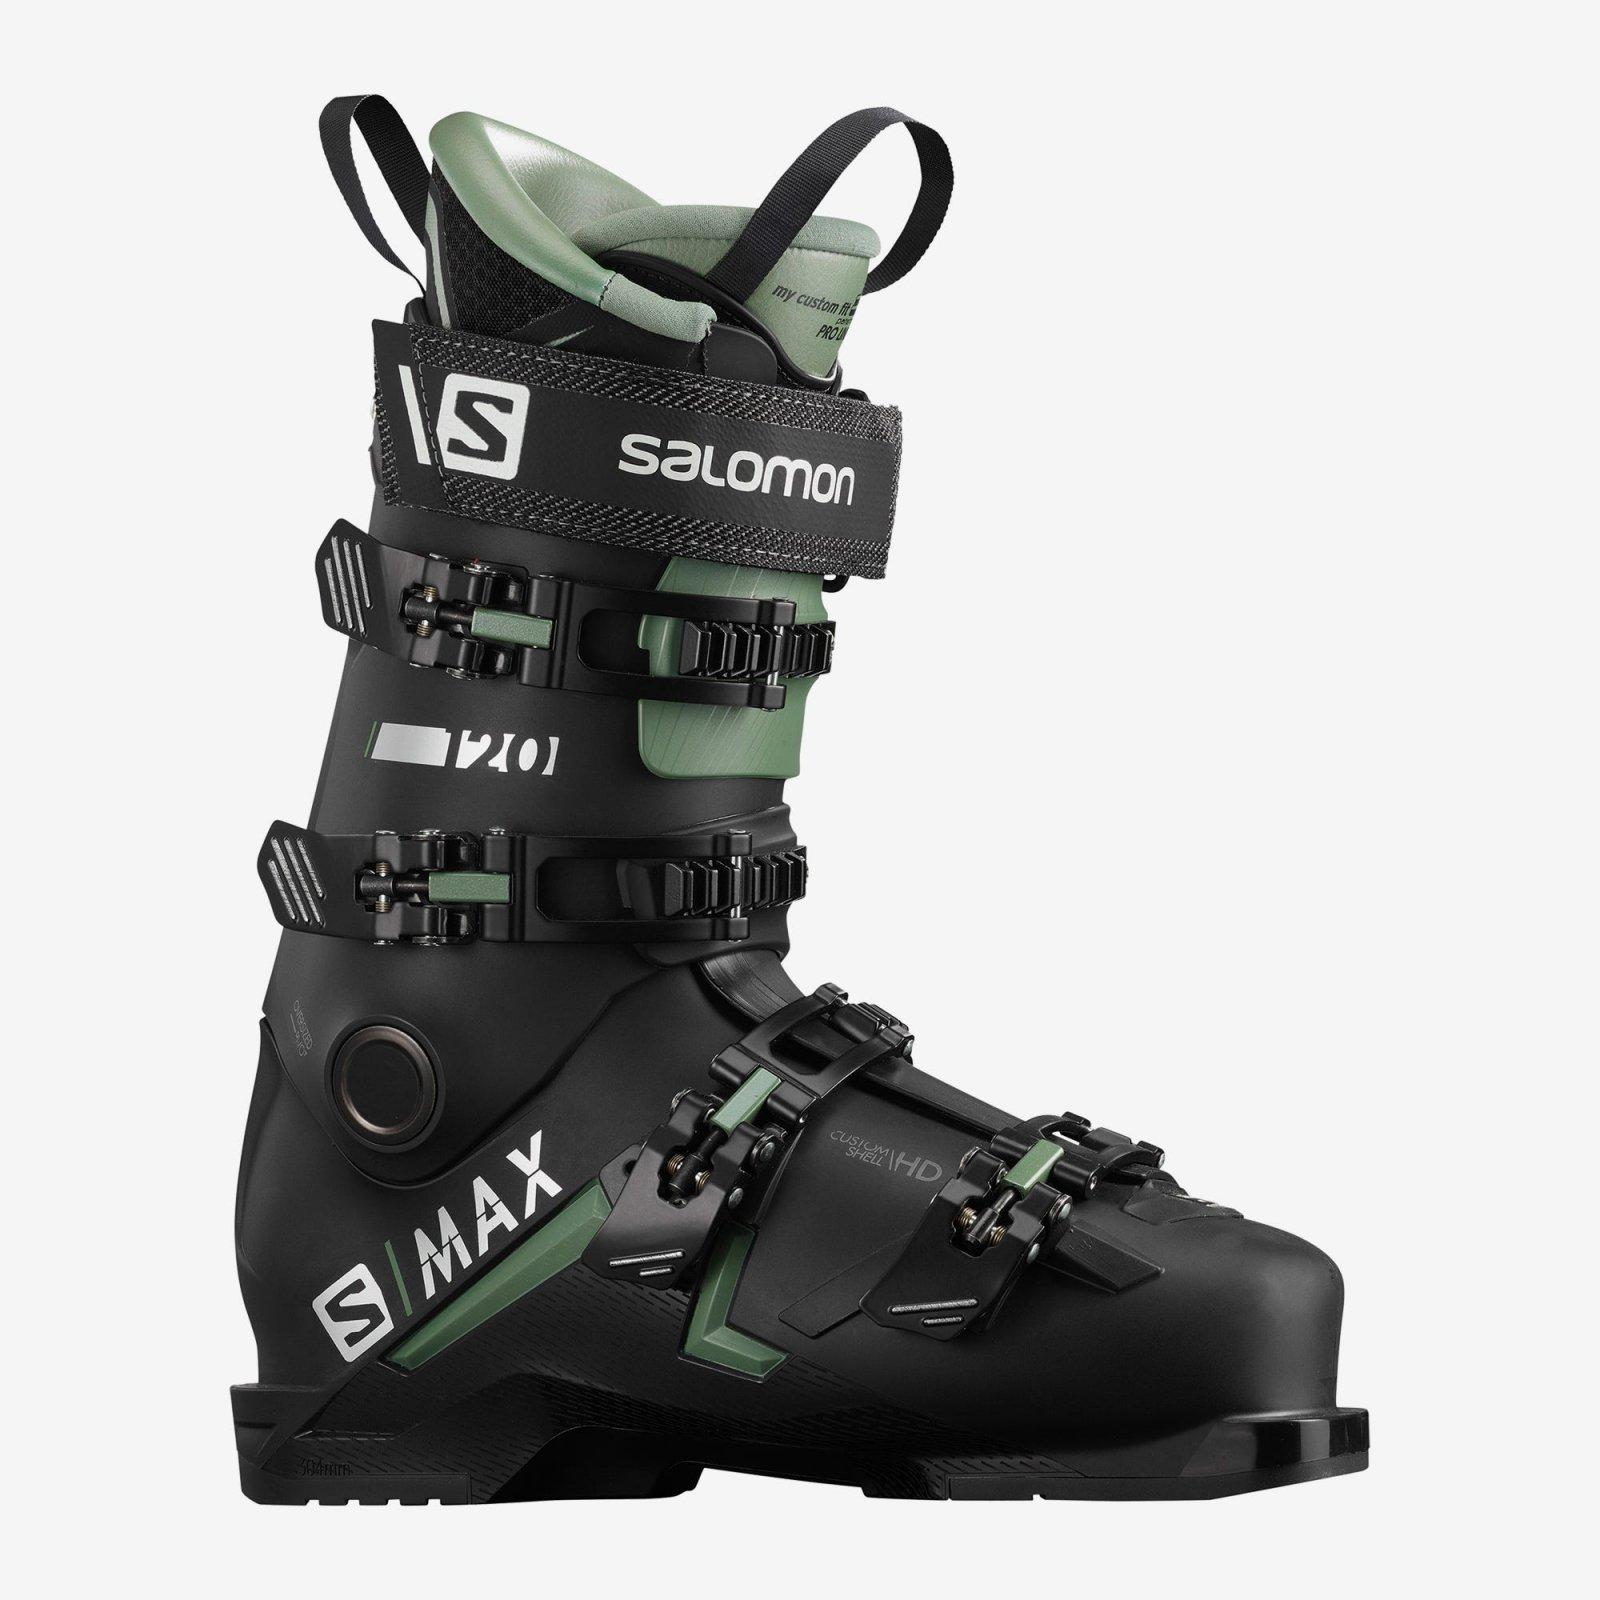 Salomon S/MAX 120 Ski Boots - Black/Oil Green/Silver